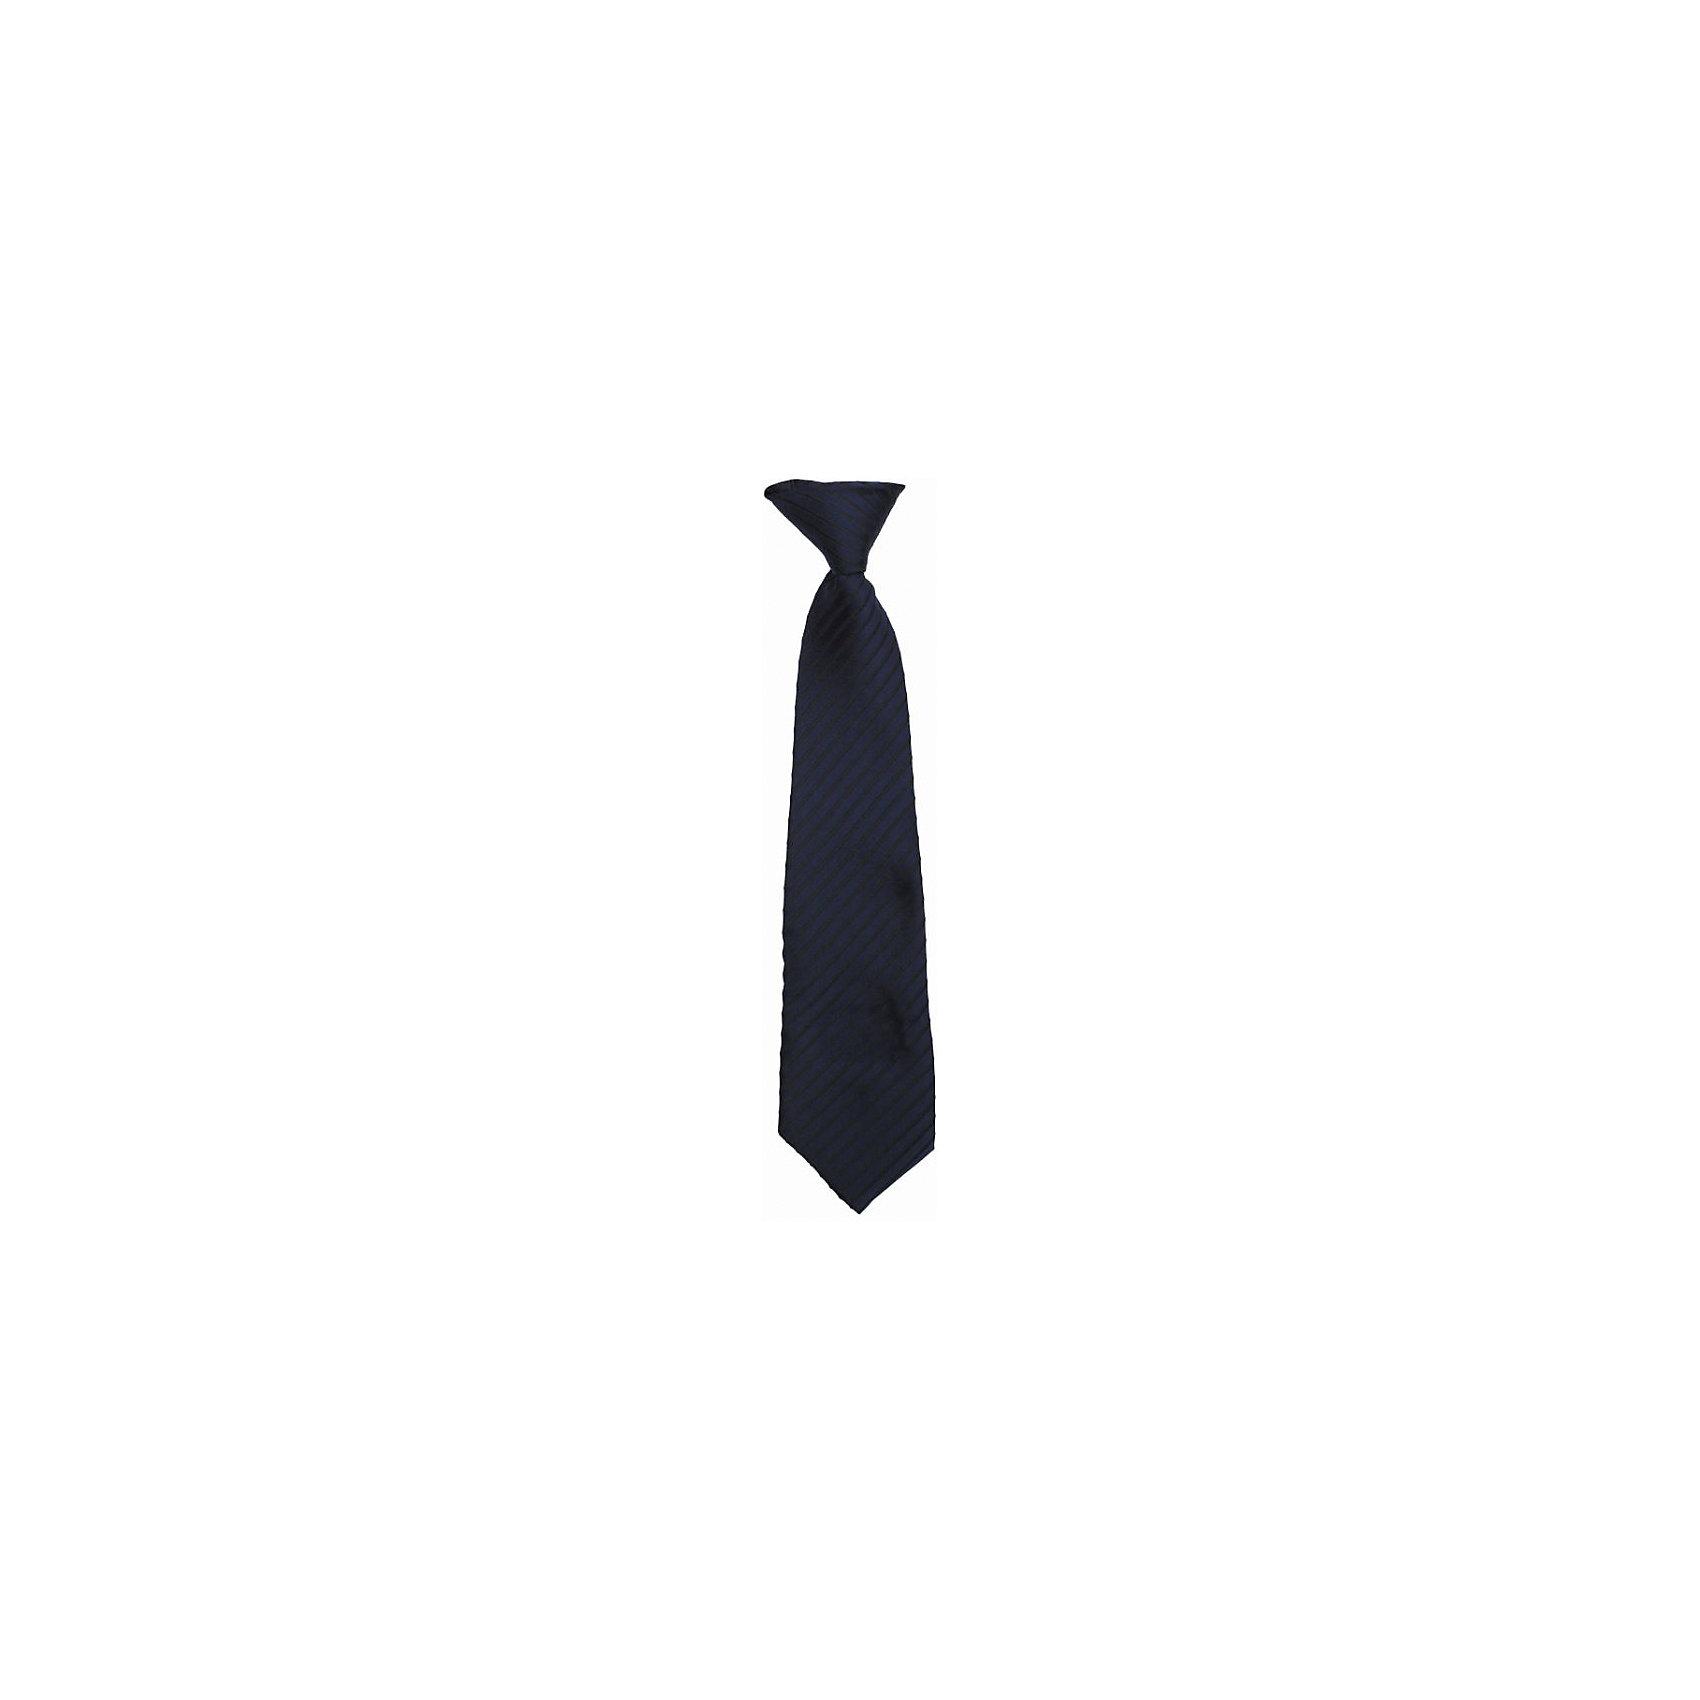 Галстук для мальчика ScoolАксессуары<br>Галстук для мальчика от известного бренда Scool<br>Состав:<br>100% полиэстер<br>Классический галстук темно-синего цвета в мелкую полоску.<br><br>Ширина мм: 170<br>Глубина мм: 157<br>Высота мм: 67<br>Вес г: 117<br>Цвет: полуночно-синий<br>Возраст от месяцев: 84<br>Возраст до месяцев: 144<br>Пол: Мужской<br>Возраст: Детский<br>Размер: one size<br>SKU: 4686856